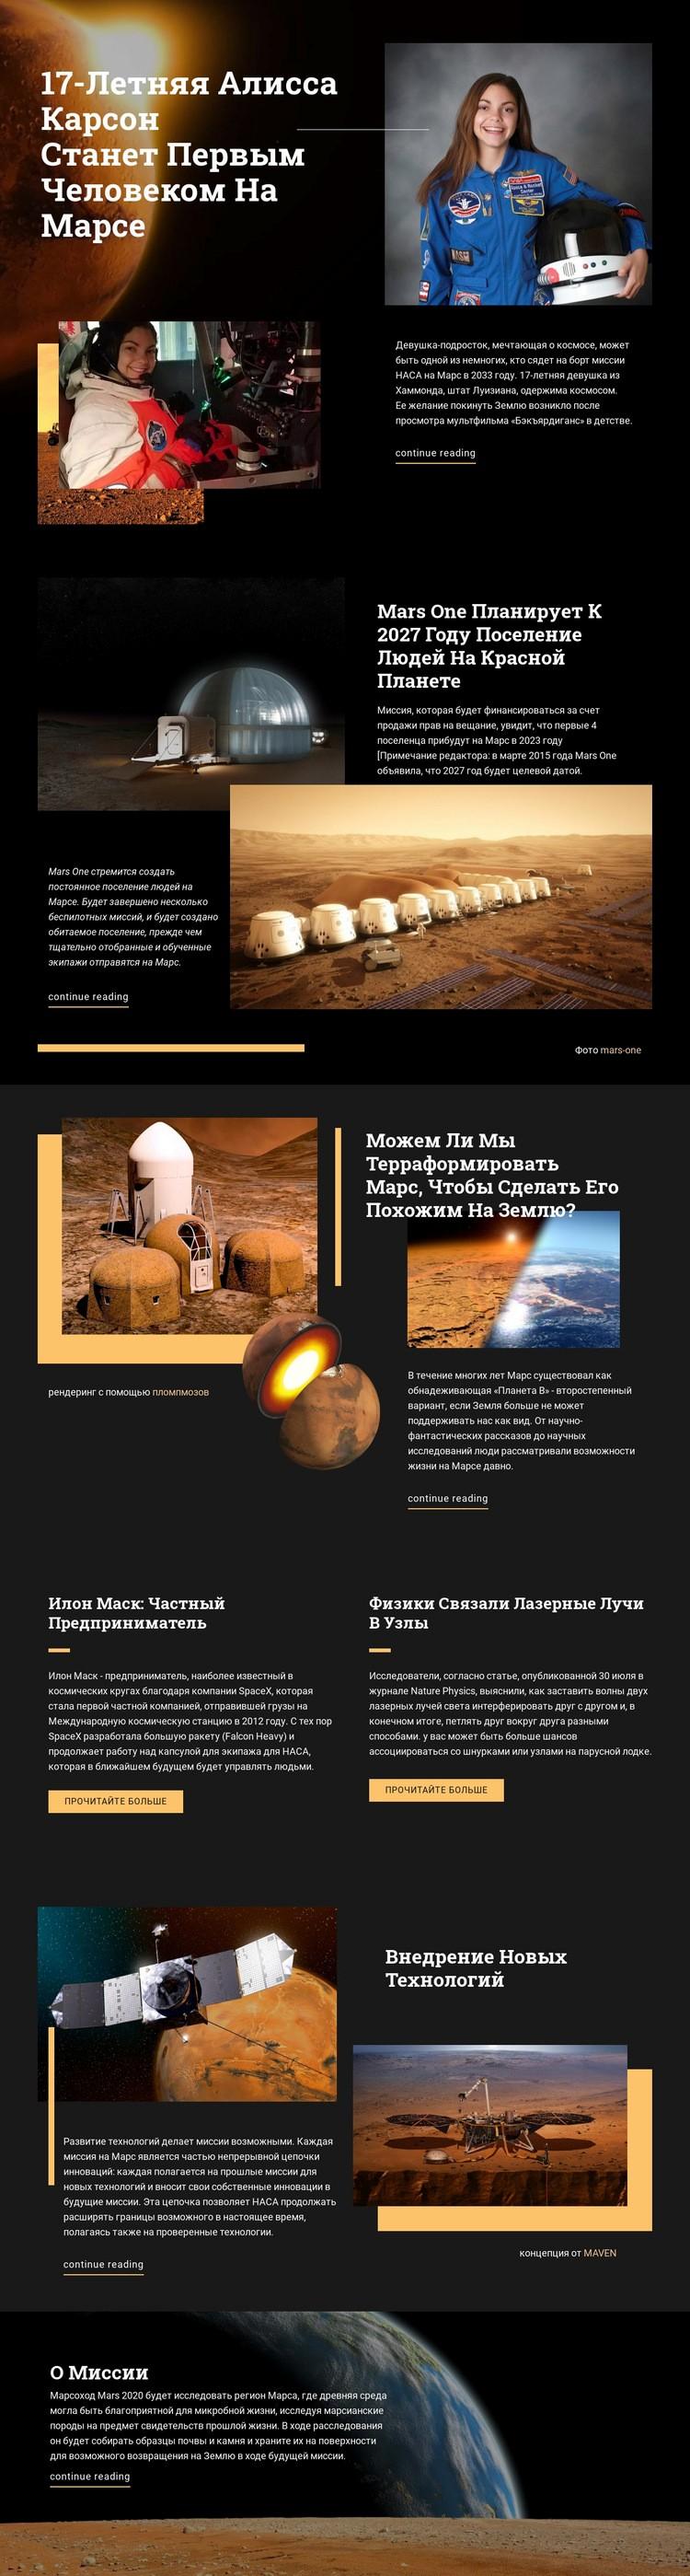 Первый человек на Марсе Шаблон веб-сайта